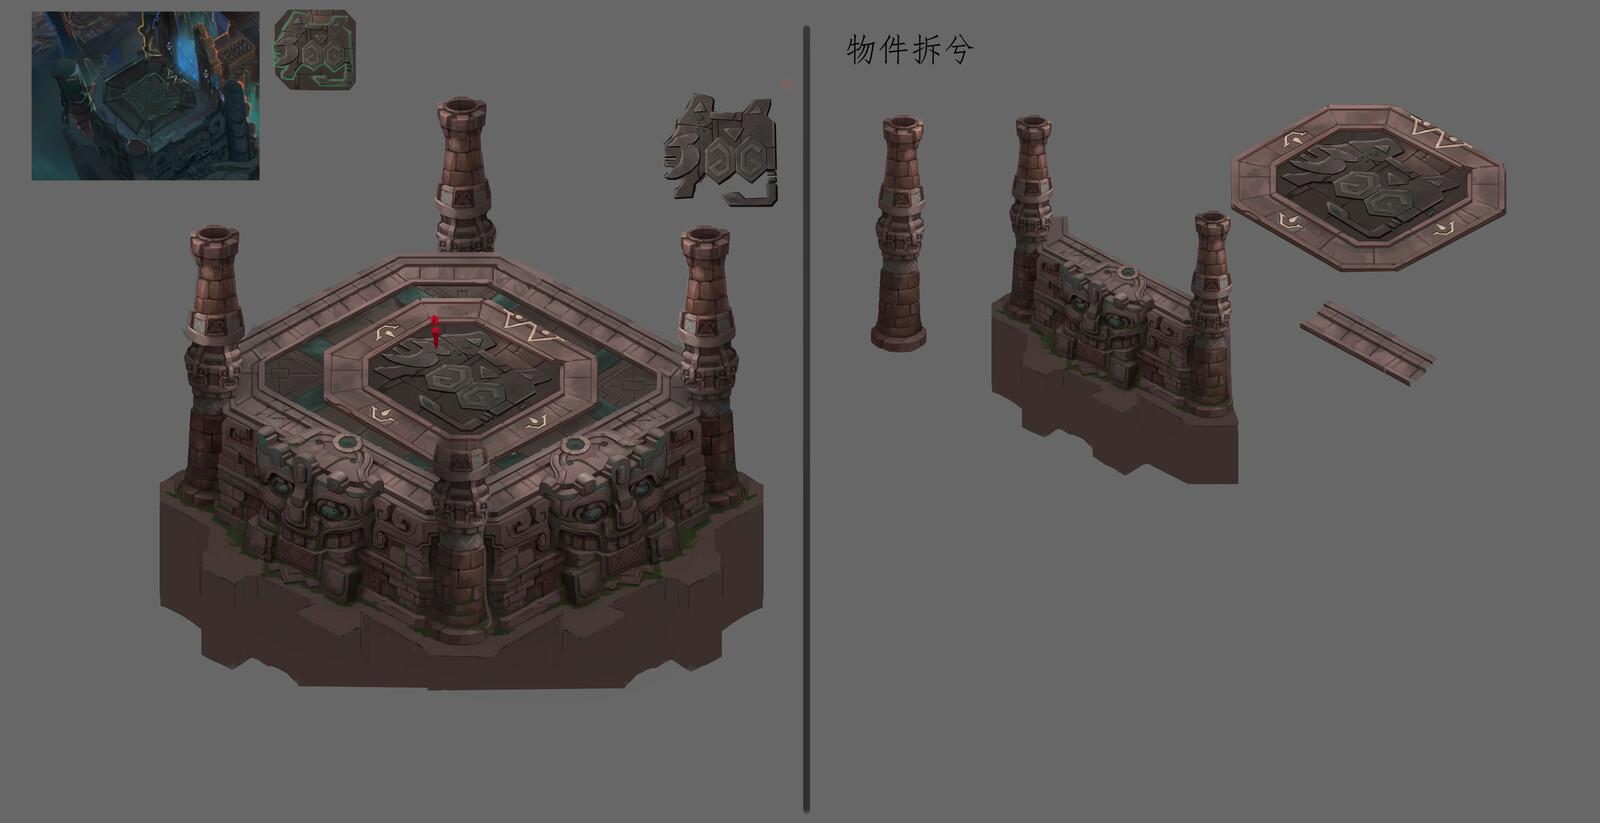 Fantasy building design